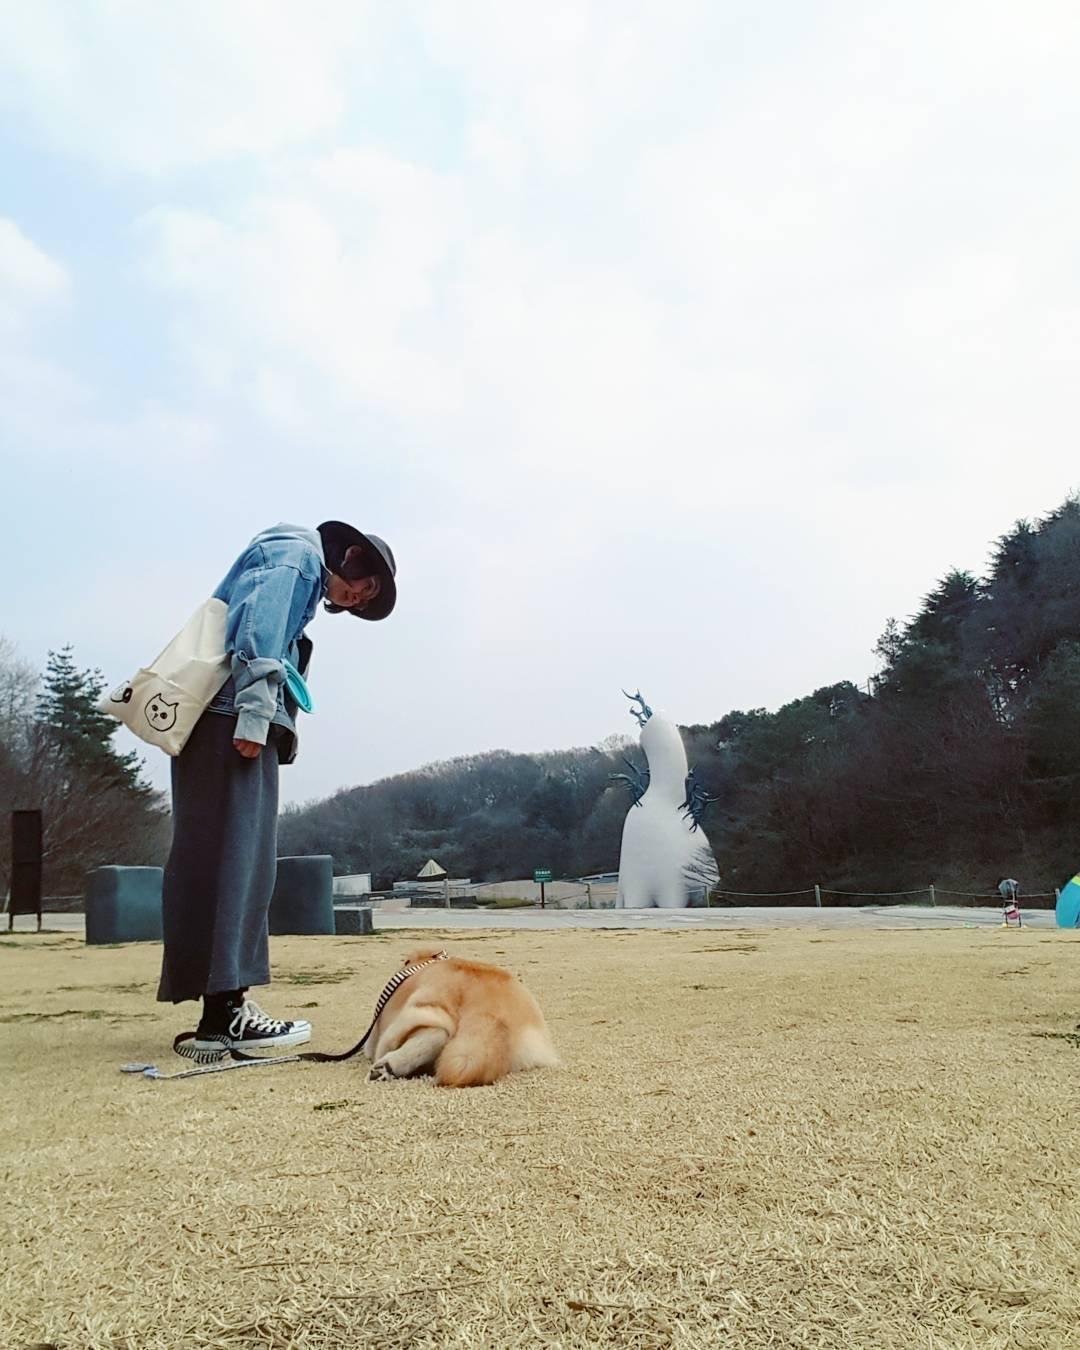 171202 112 - 誰家柴犬掉在路上啦?散步途中耍賴不肯動的日本超萌柴柴